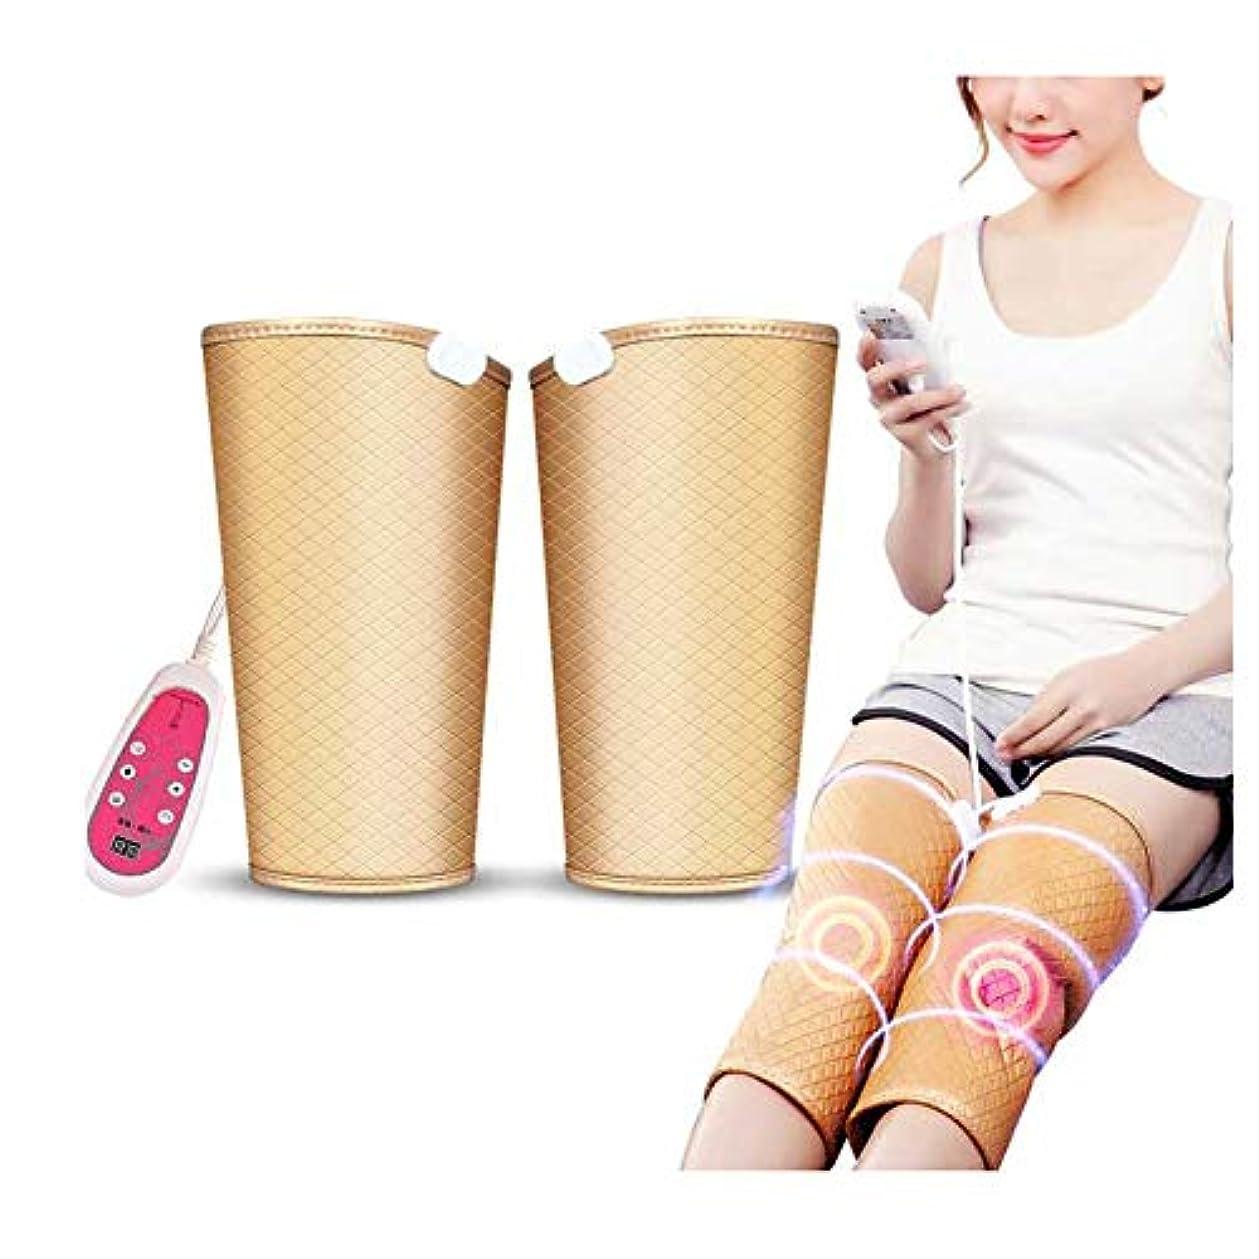 マーベル毎回羊暖房膝サポート9マッサージモードと膝のけがのための5つの速度でラップ膝温めラップパッド療法マッサージャー